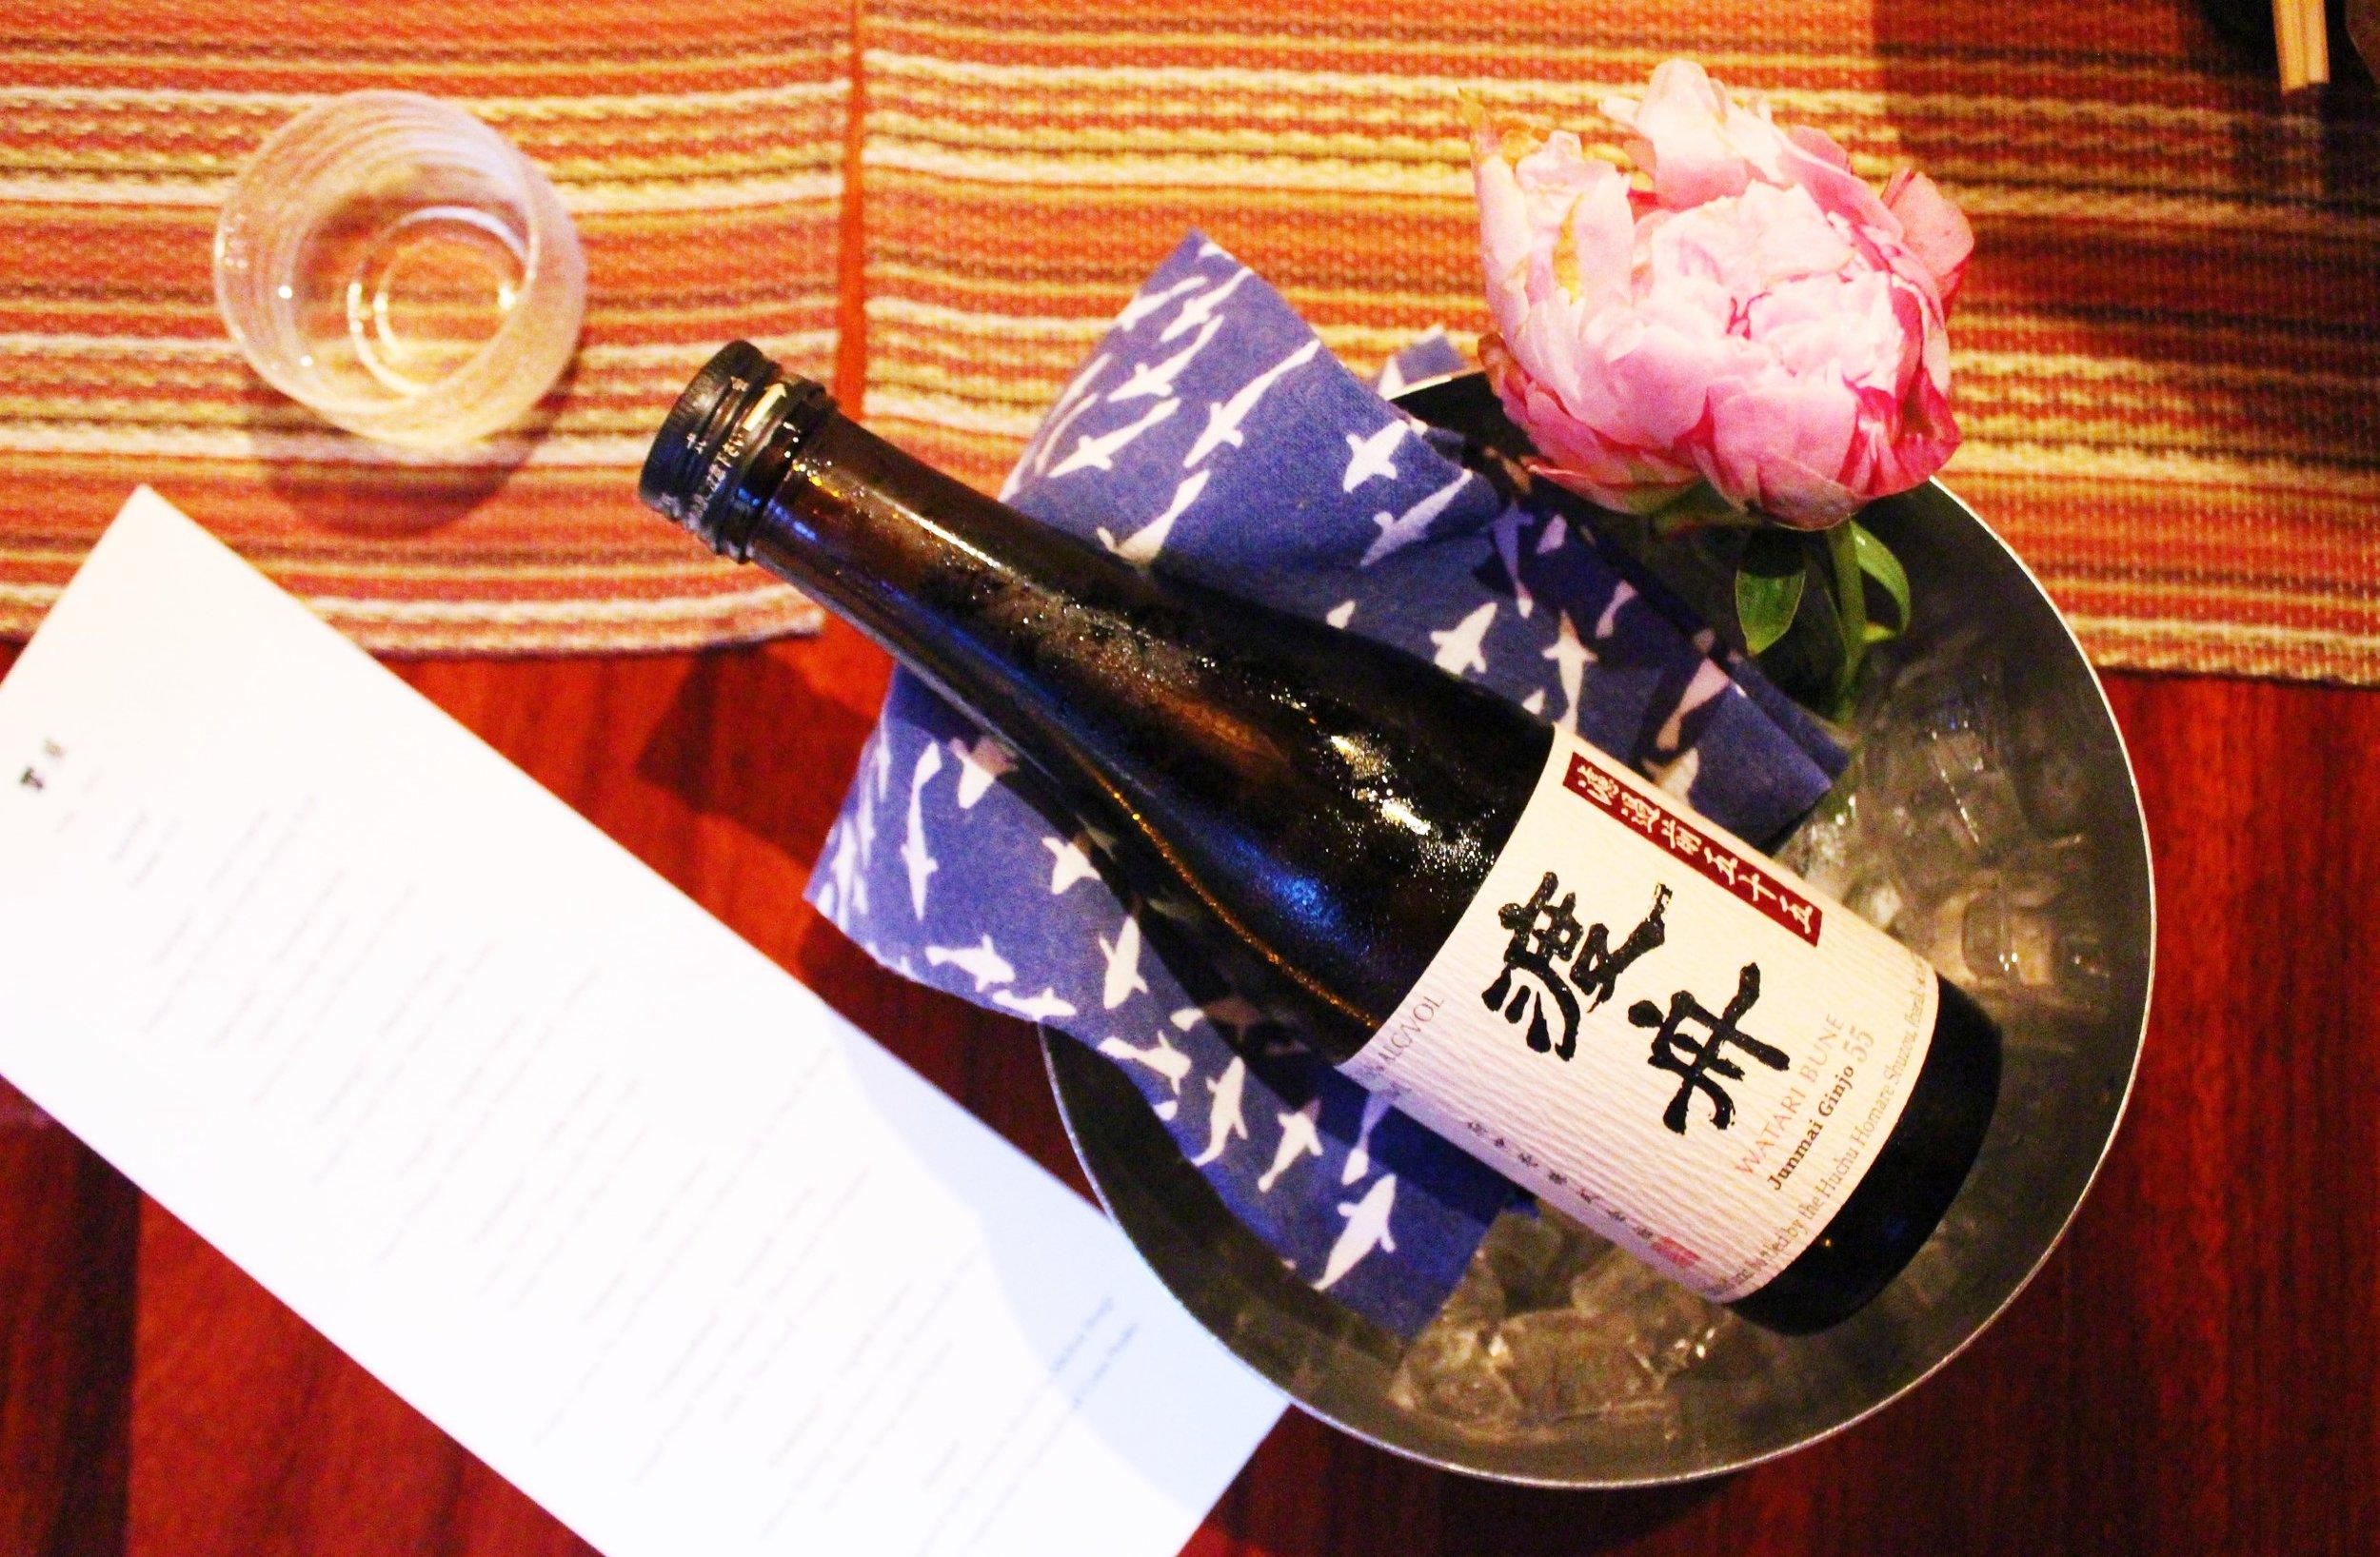 Sake: Watari Bune Junmai Ginjo 55 at Kyo Ya